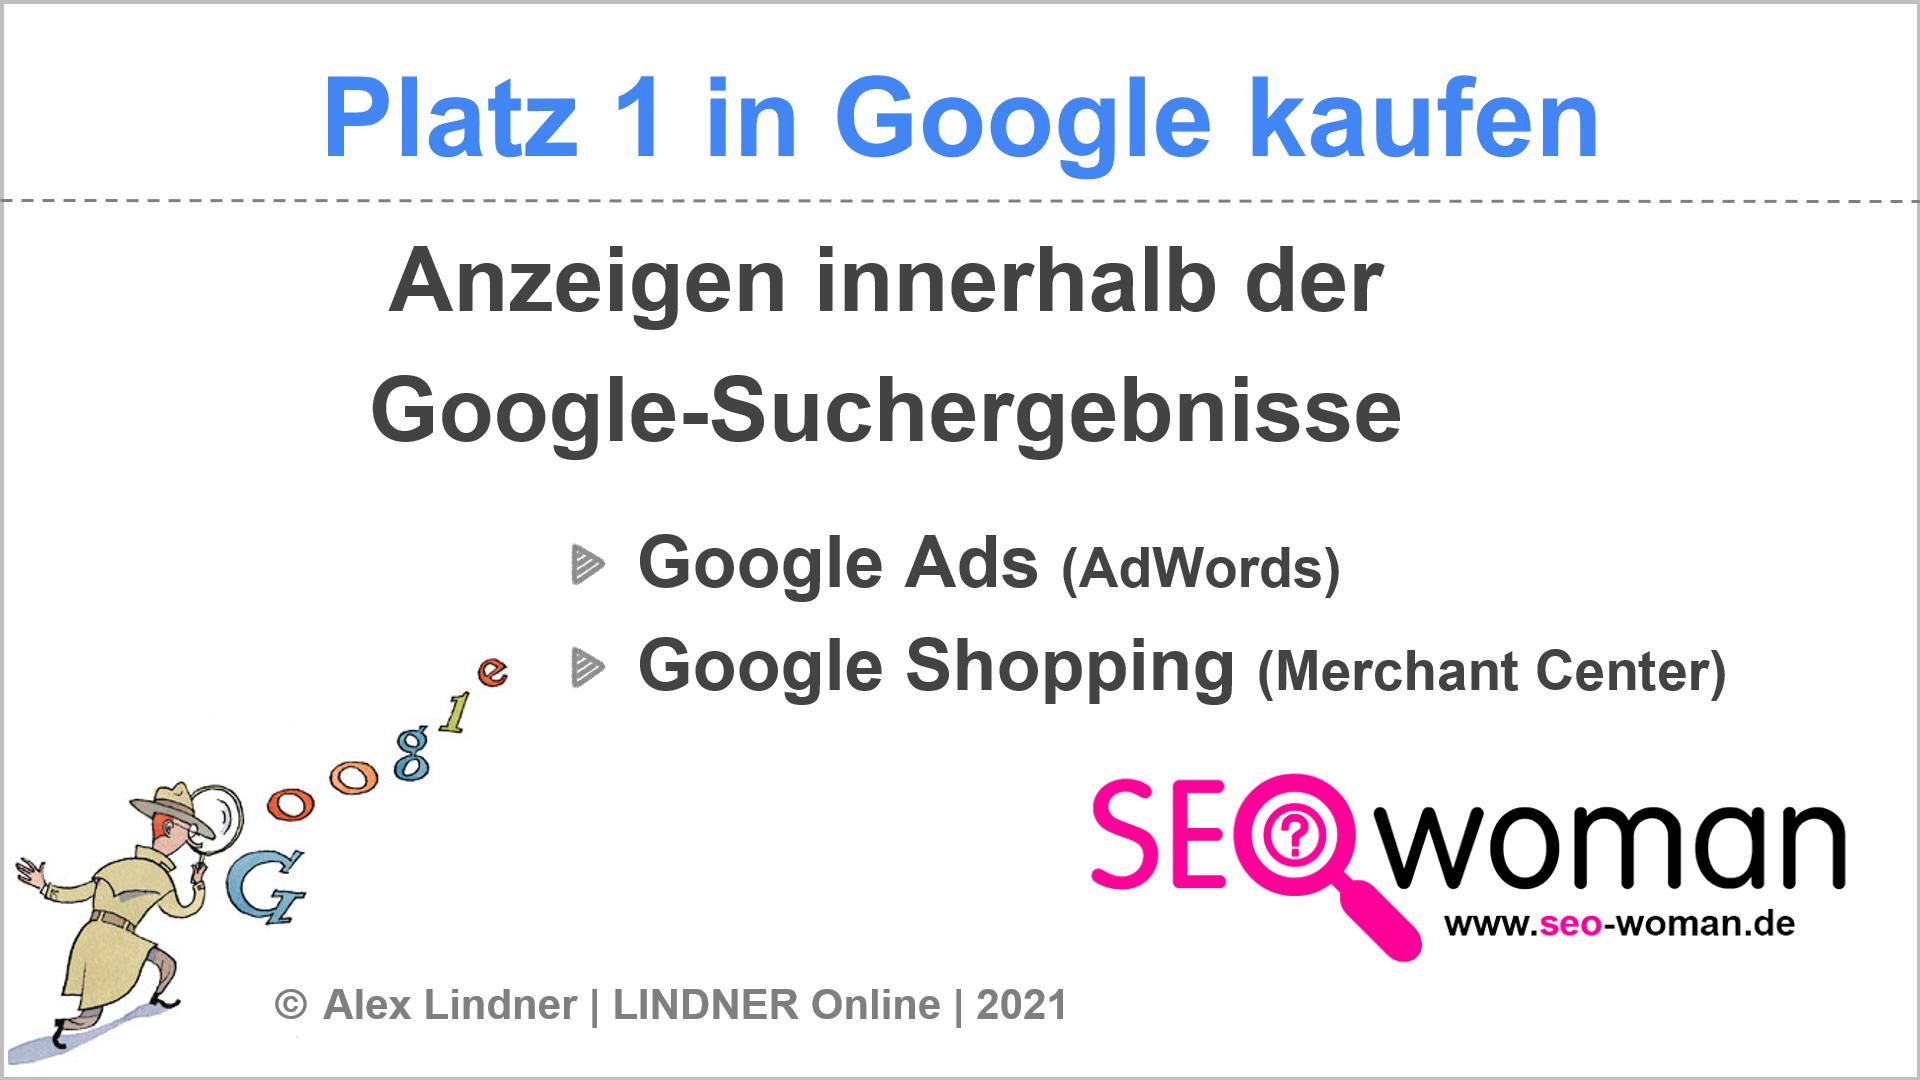 Platz 1 in Google kaufen | SEOwoman